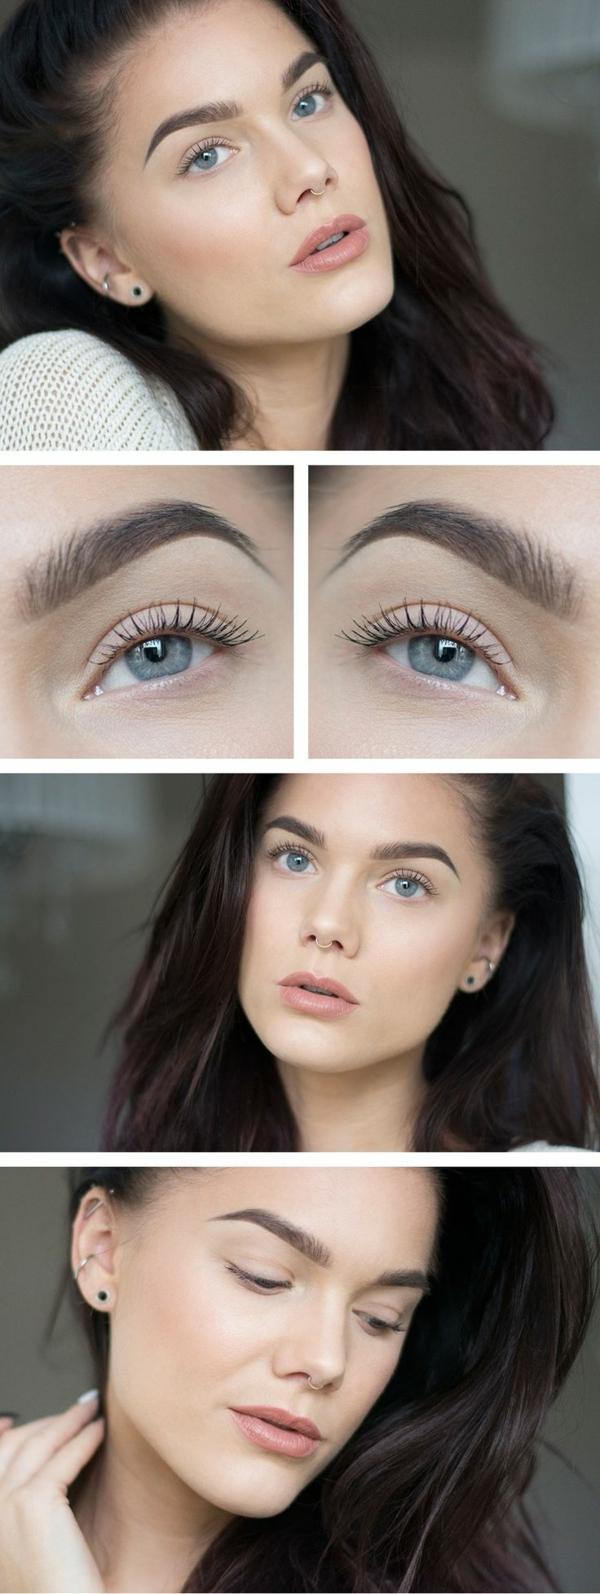 maquillage-naturel-yeux-bleu